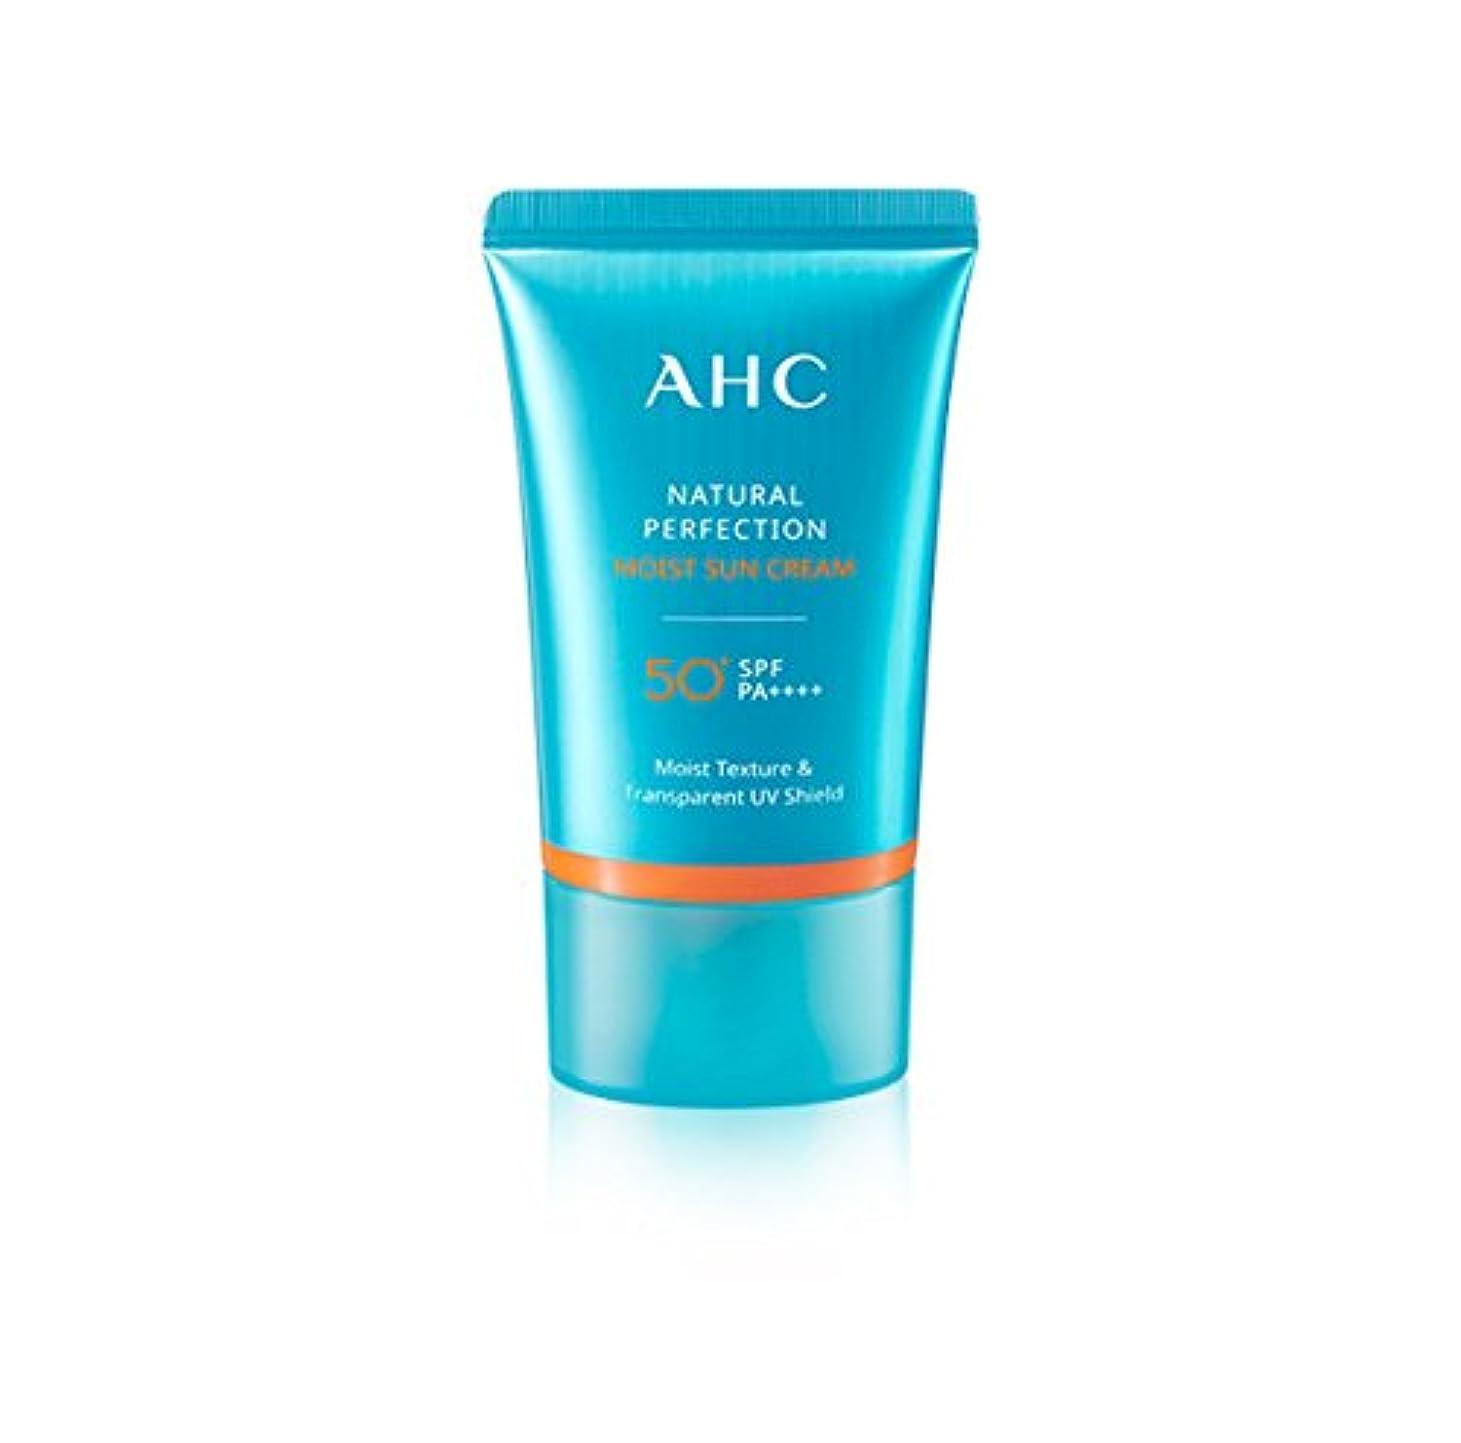 誤投資するセンチメンタルAHC Natural Perfection Moist Sun Cream 50ml/AHC ナチュラル パーフェクション モイスト サン クリーム 50ml [並行輸入品]